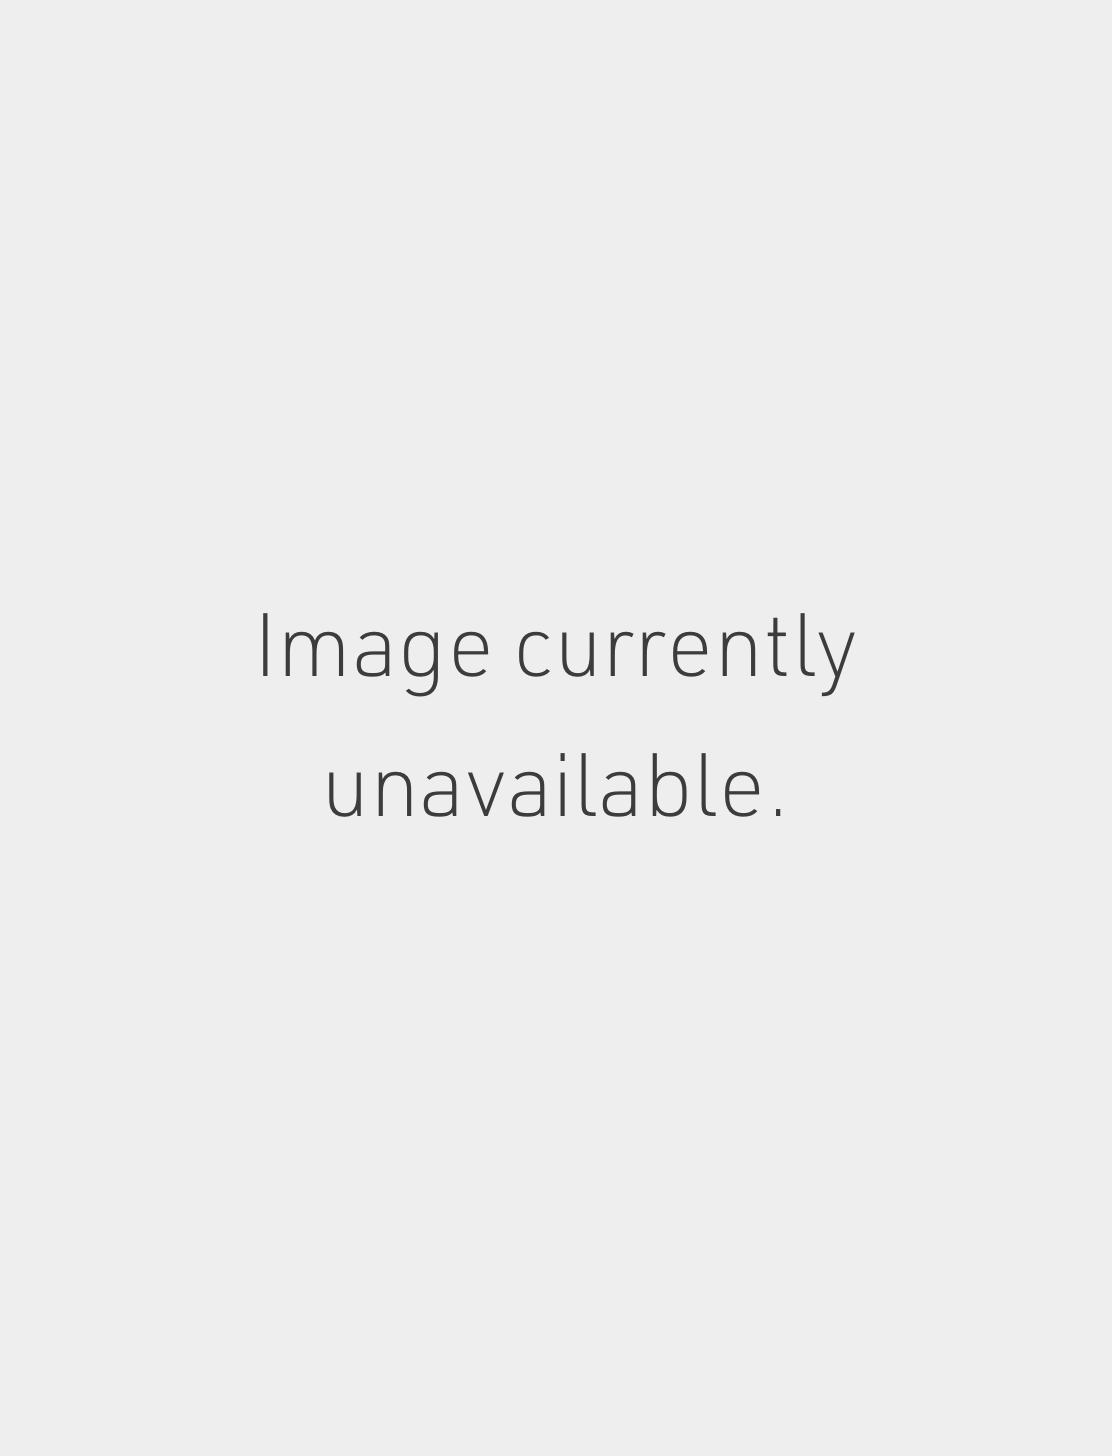 """5/16"""" White and Black Diamond Ouroboros Ring - WHITE GOLD Image #3"""